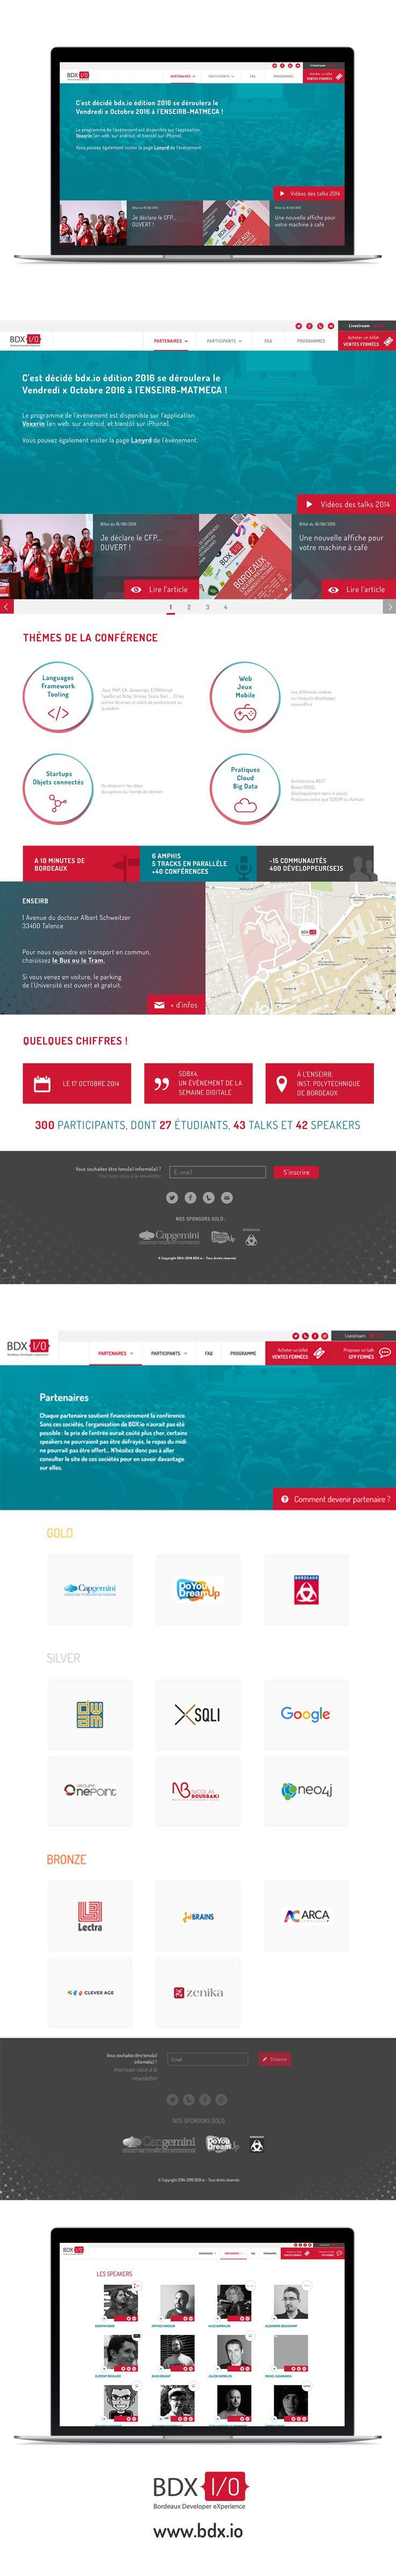 Réalisation du nouveau design du site BDX.io :  Une journée de conférences à destination des développeurs sur les technologies de demain le 21 octobre 2016.  http://www.bdx.io/#/